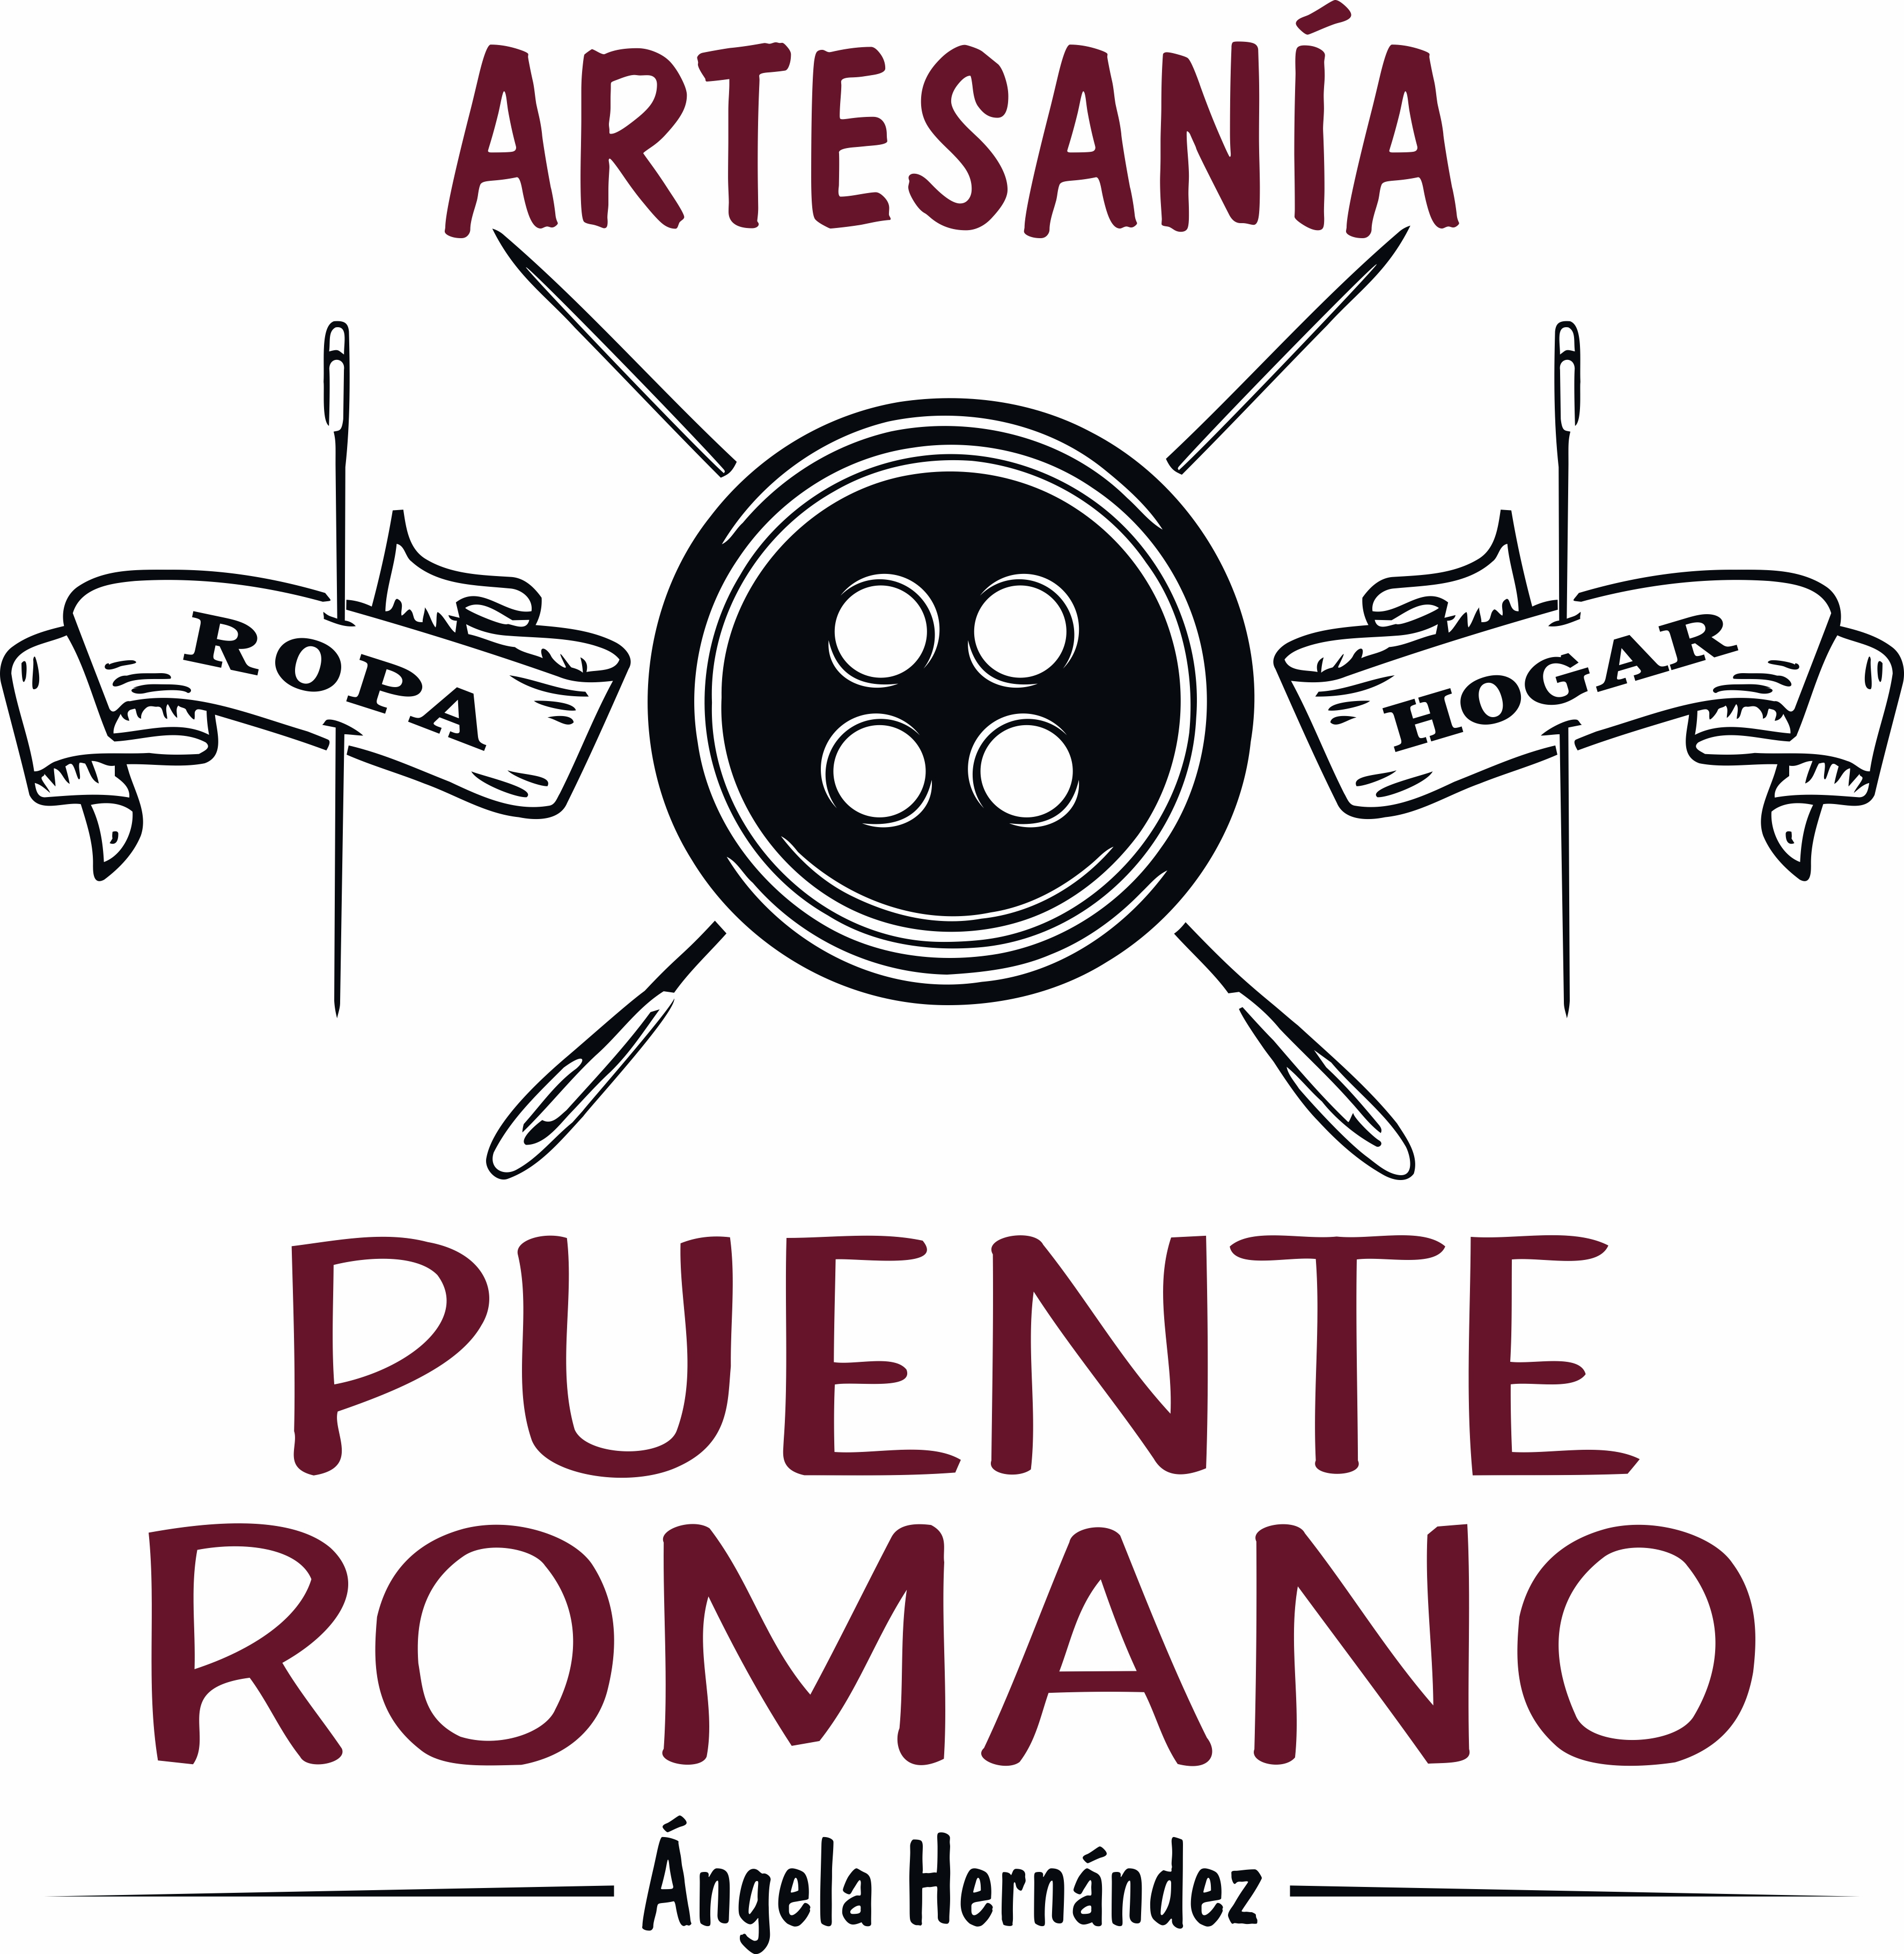 Logo comerç Artesanía Puente Romano